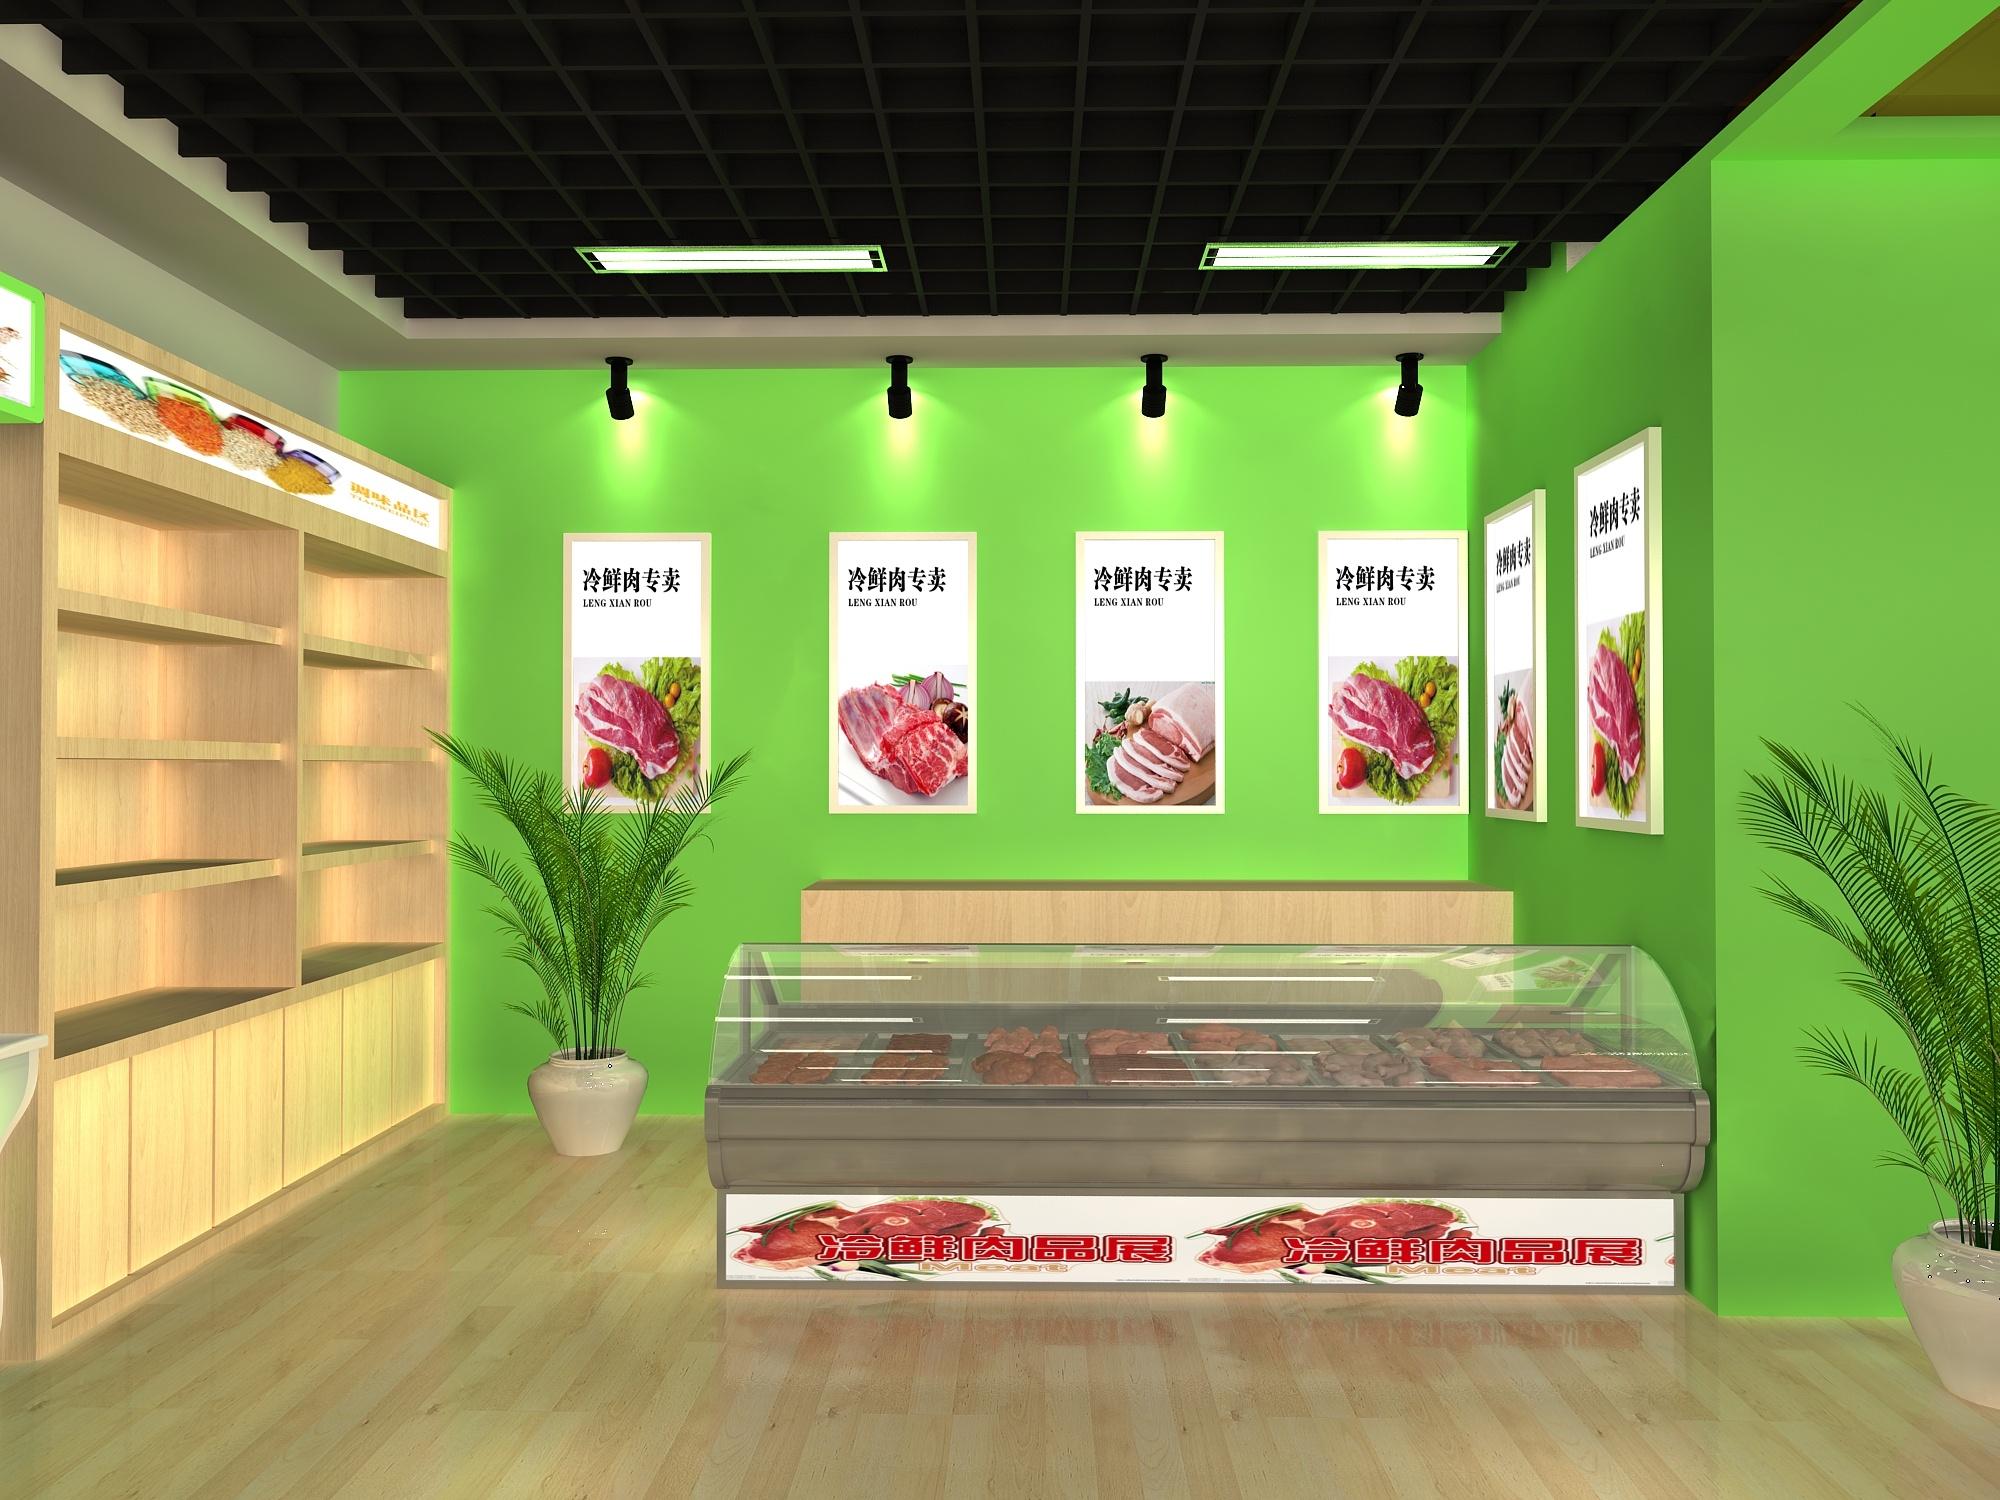 蔬菜专卖店